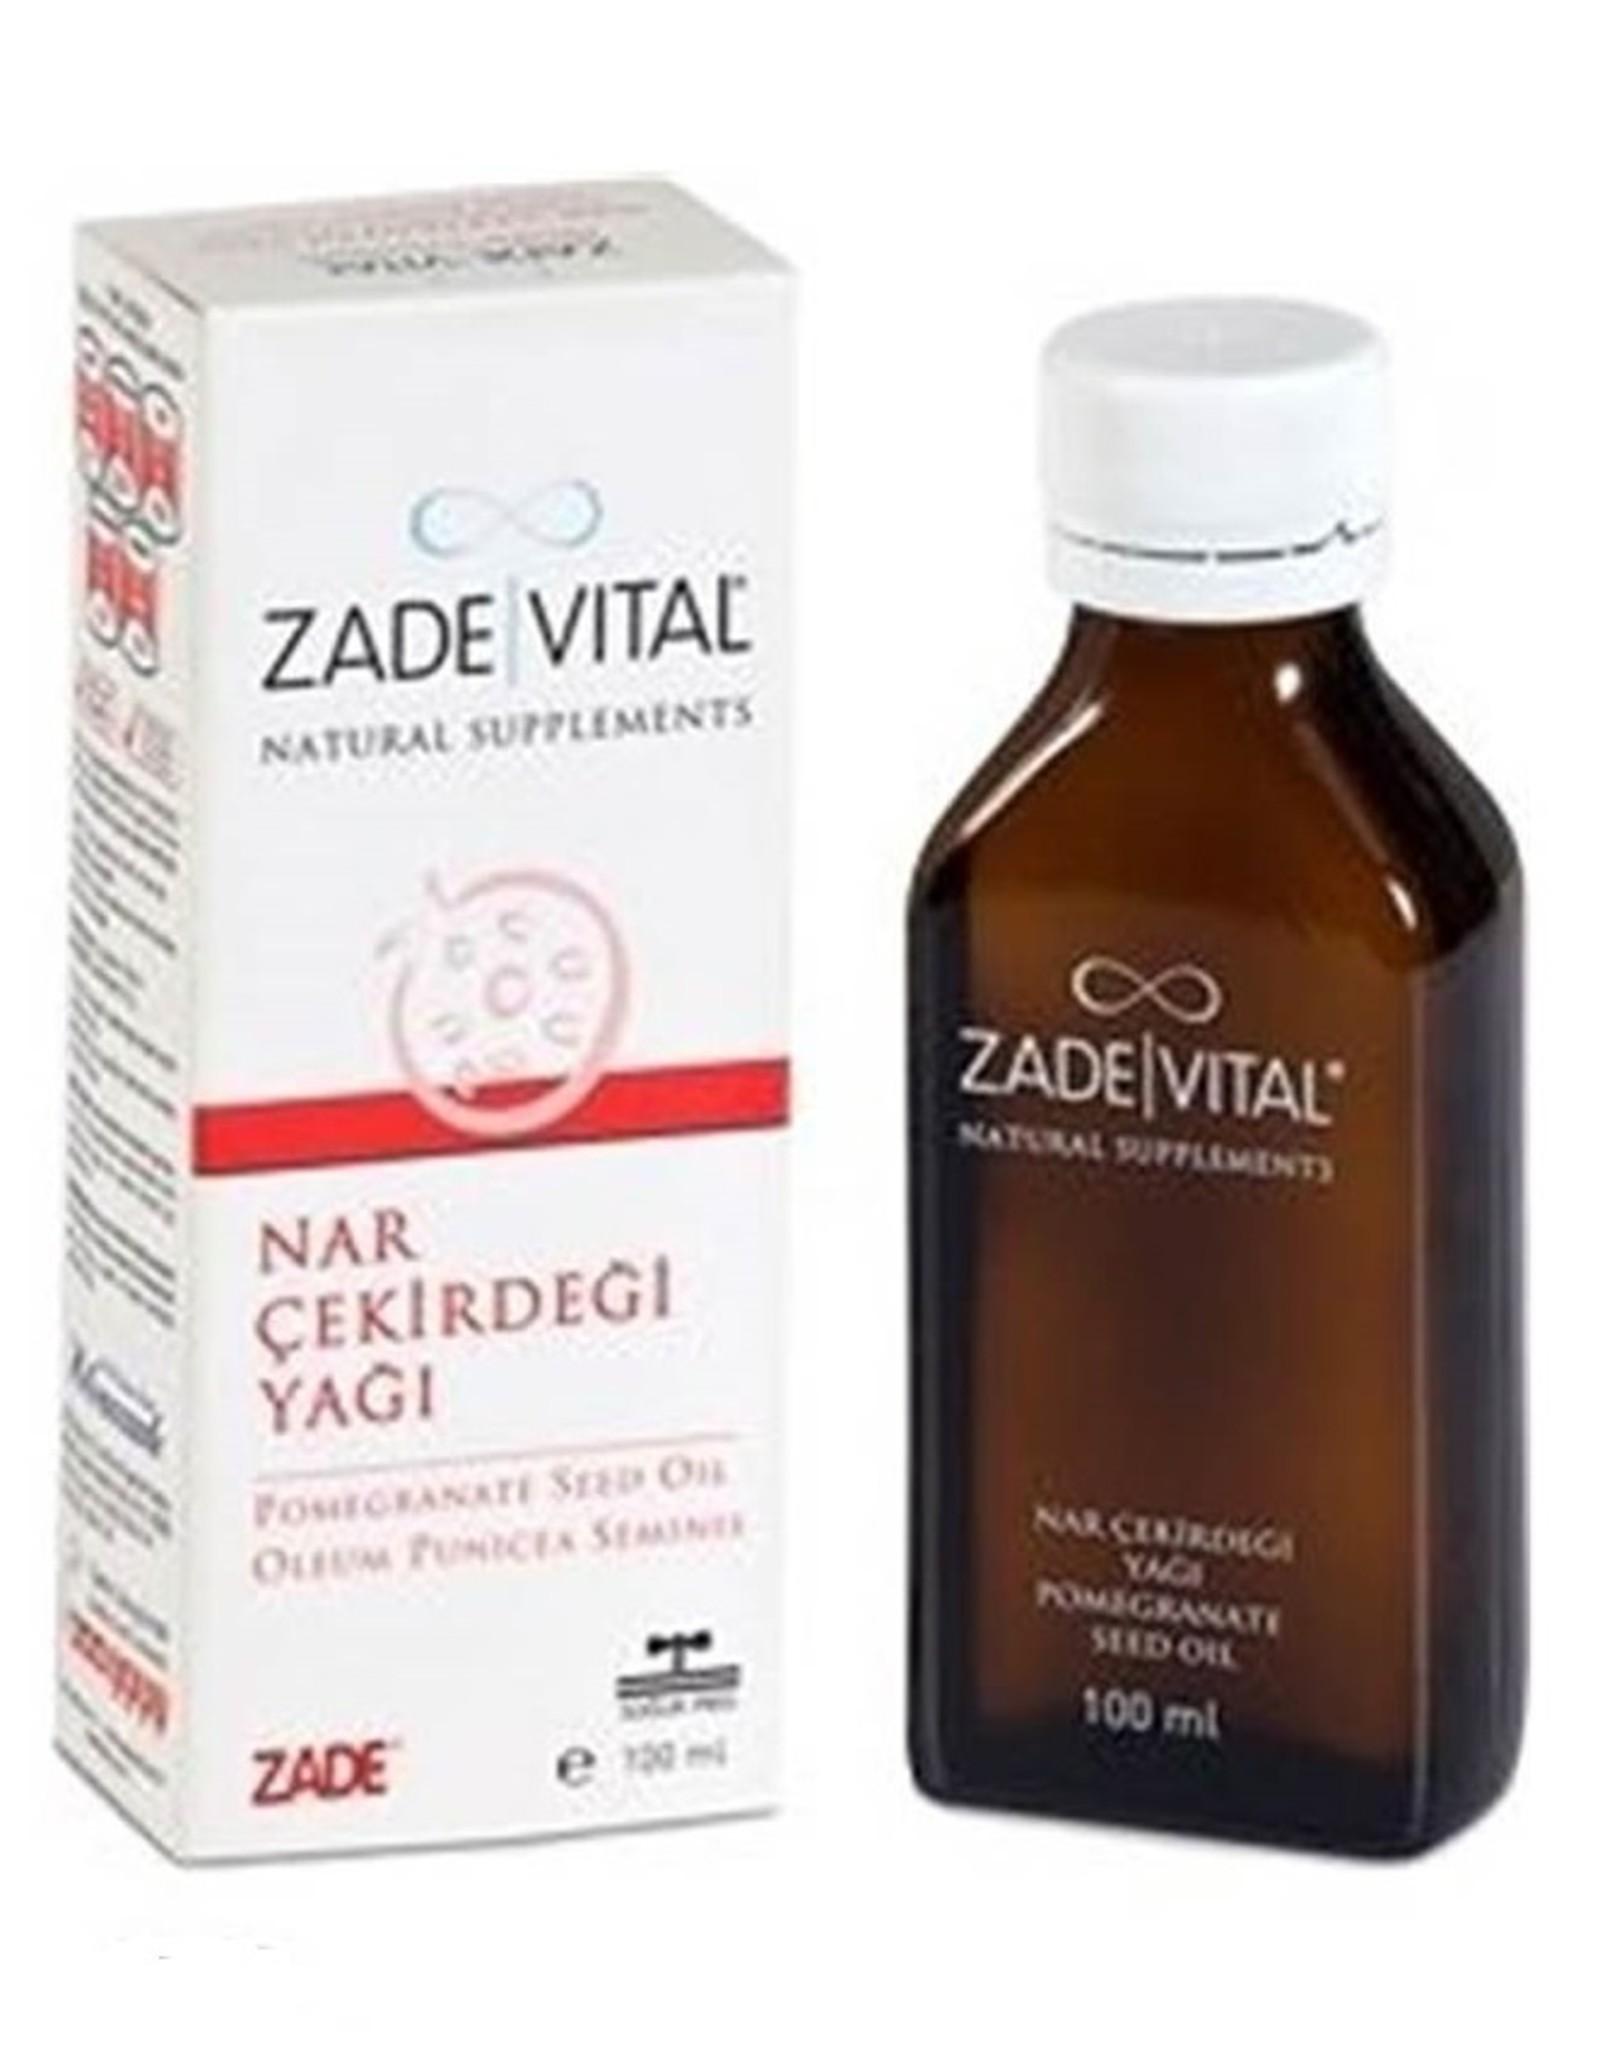 Zade Vital Zade Vital Granaatappel Olie 100 ml